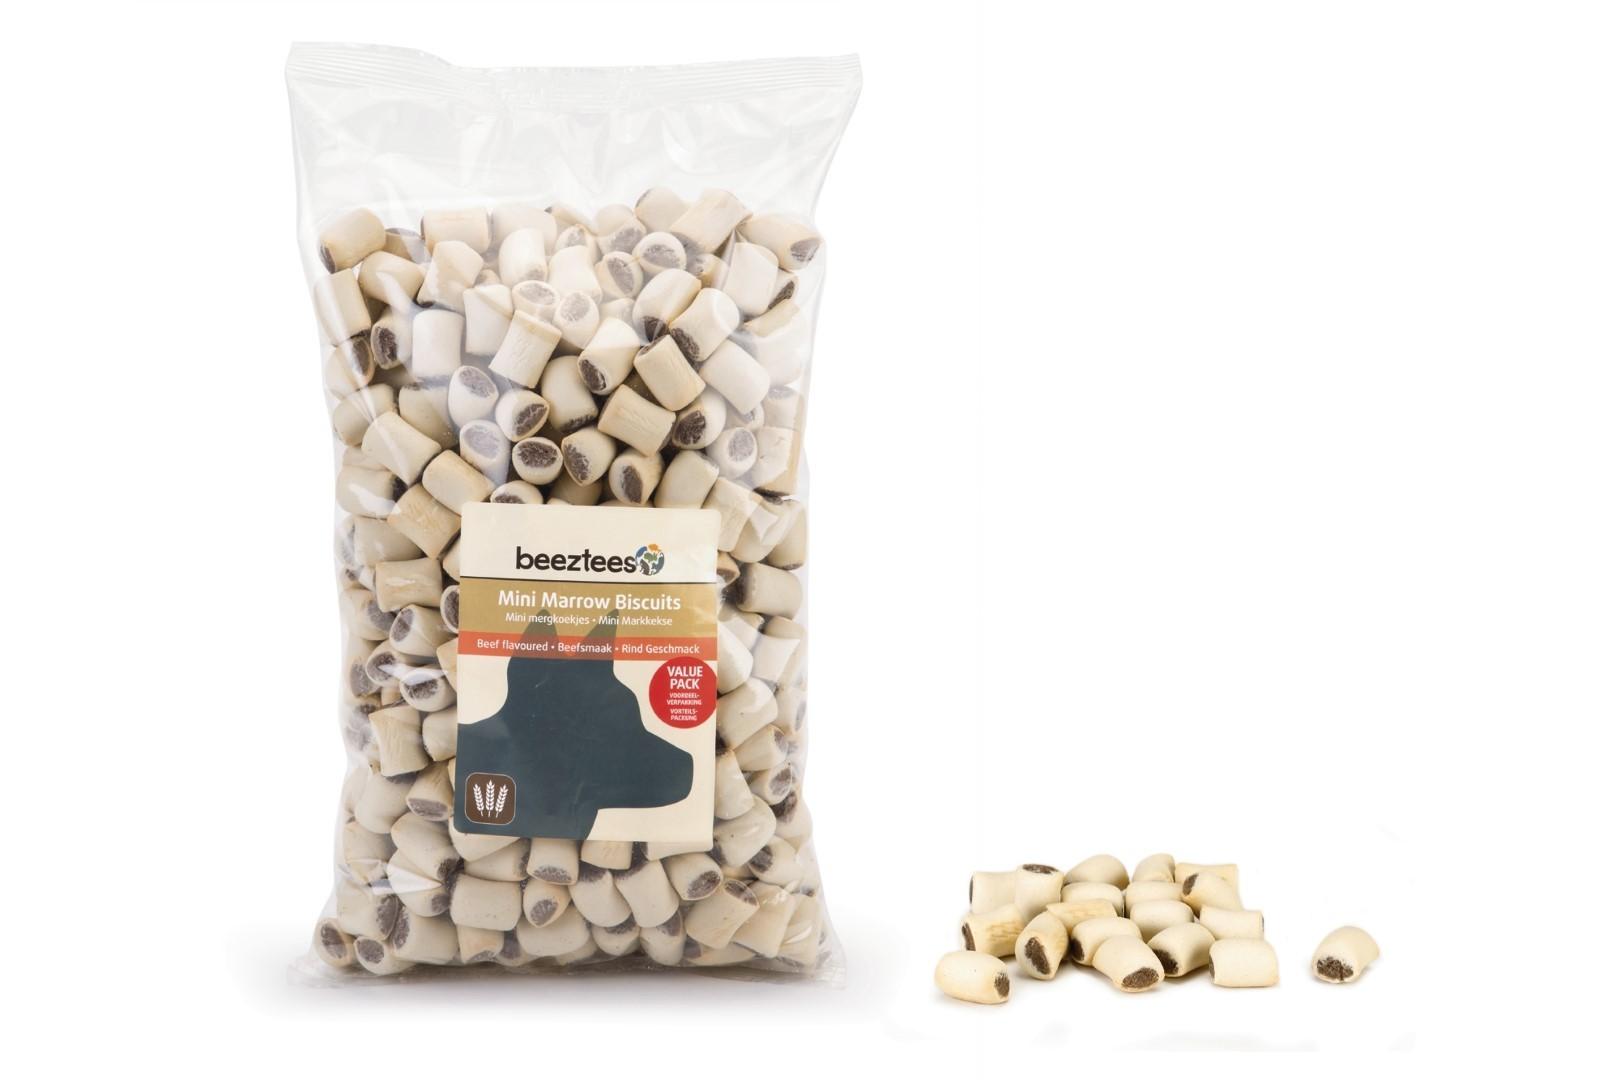 Mini mergkoekjes rund voordeelverpakking 1400g